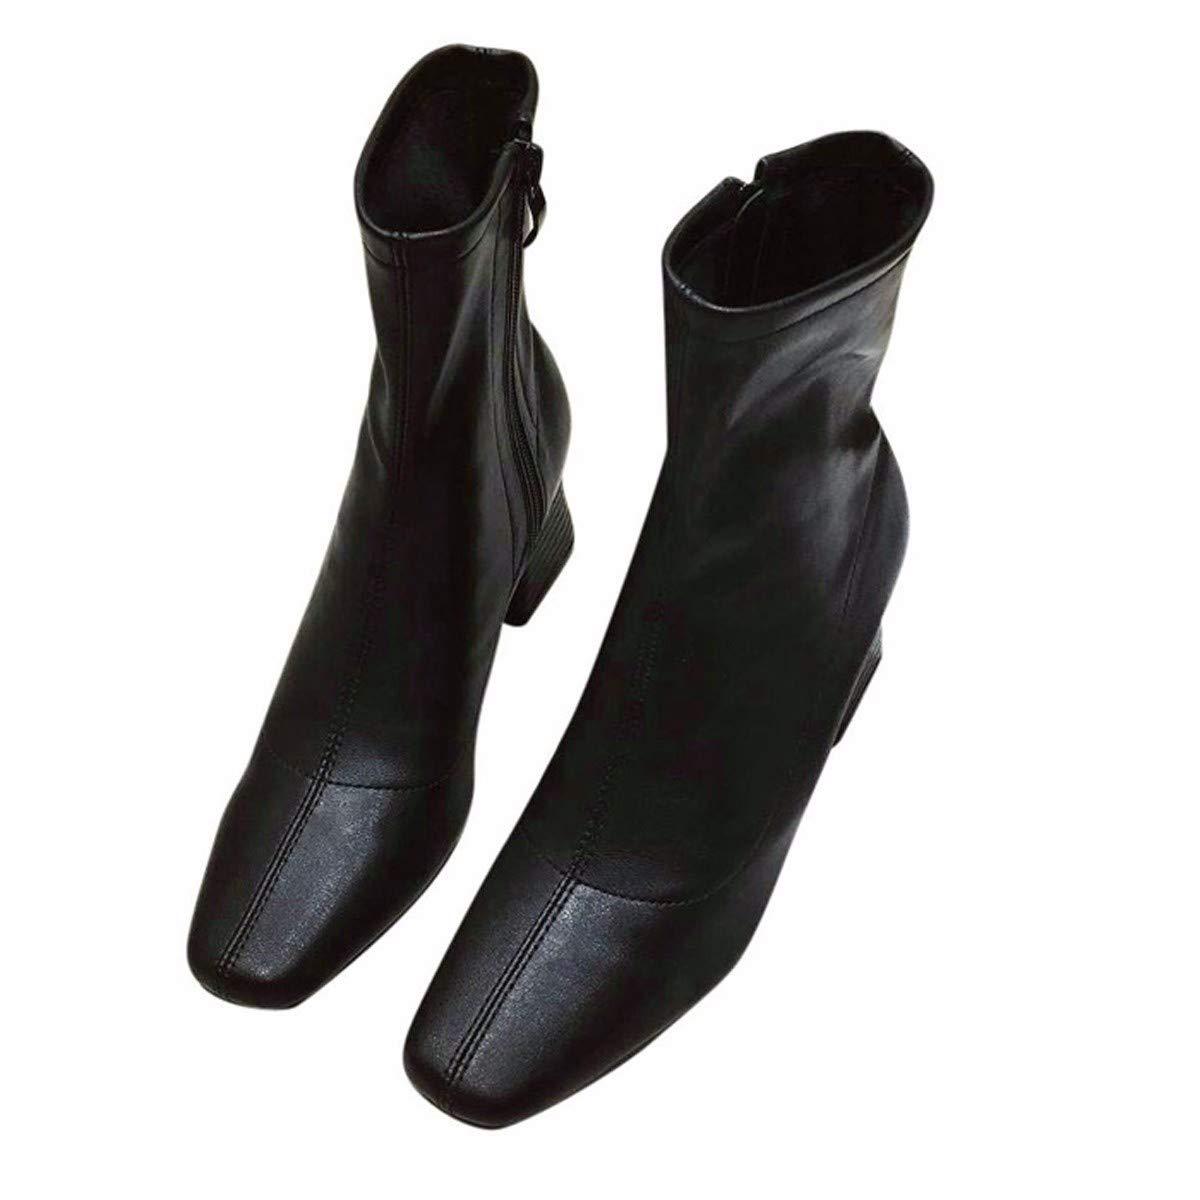 HBDLH Damenschuhe Schlanke Lederstiefel Absatz 5 Ferse cm Hoch Mitte Ferse 5 Martin Stiefel Winter Kurze Stiefel Pravokotno Glavo Dicke Sohle Blanken Stiefeln d75bb7